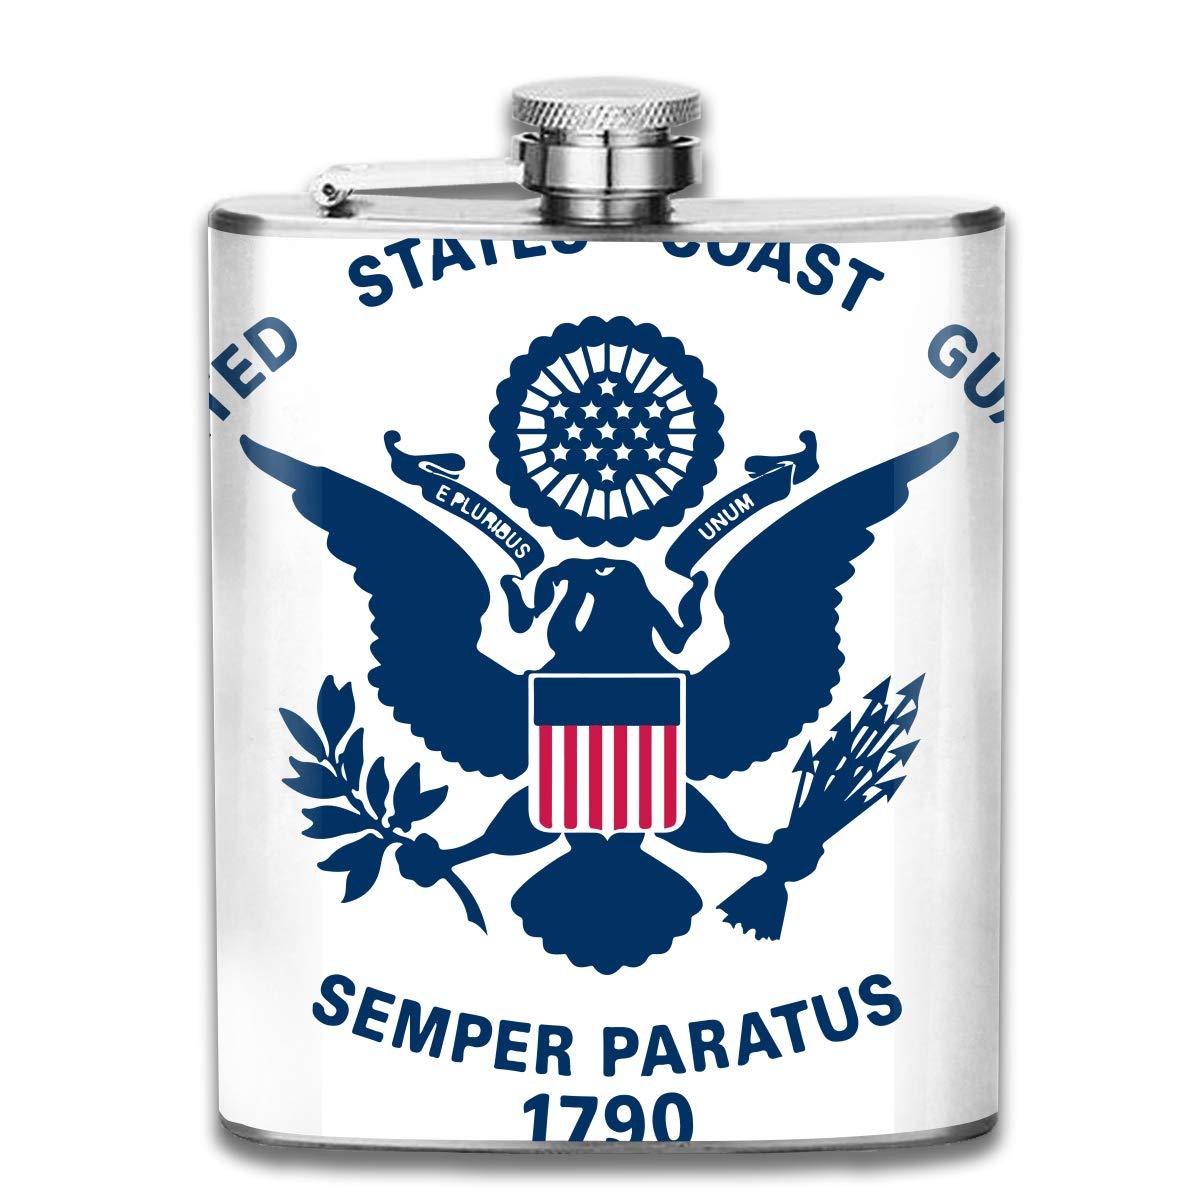 Kupik ポータブル7オンスステンレススチールフラスコ 米国沿岸警備隊 1790 ミニフラゴン レザーパッケージ ジャグ フラゴン メンズ レディース ギフト   B07KT52LMS